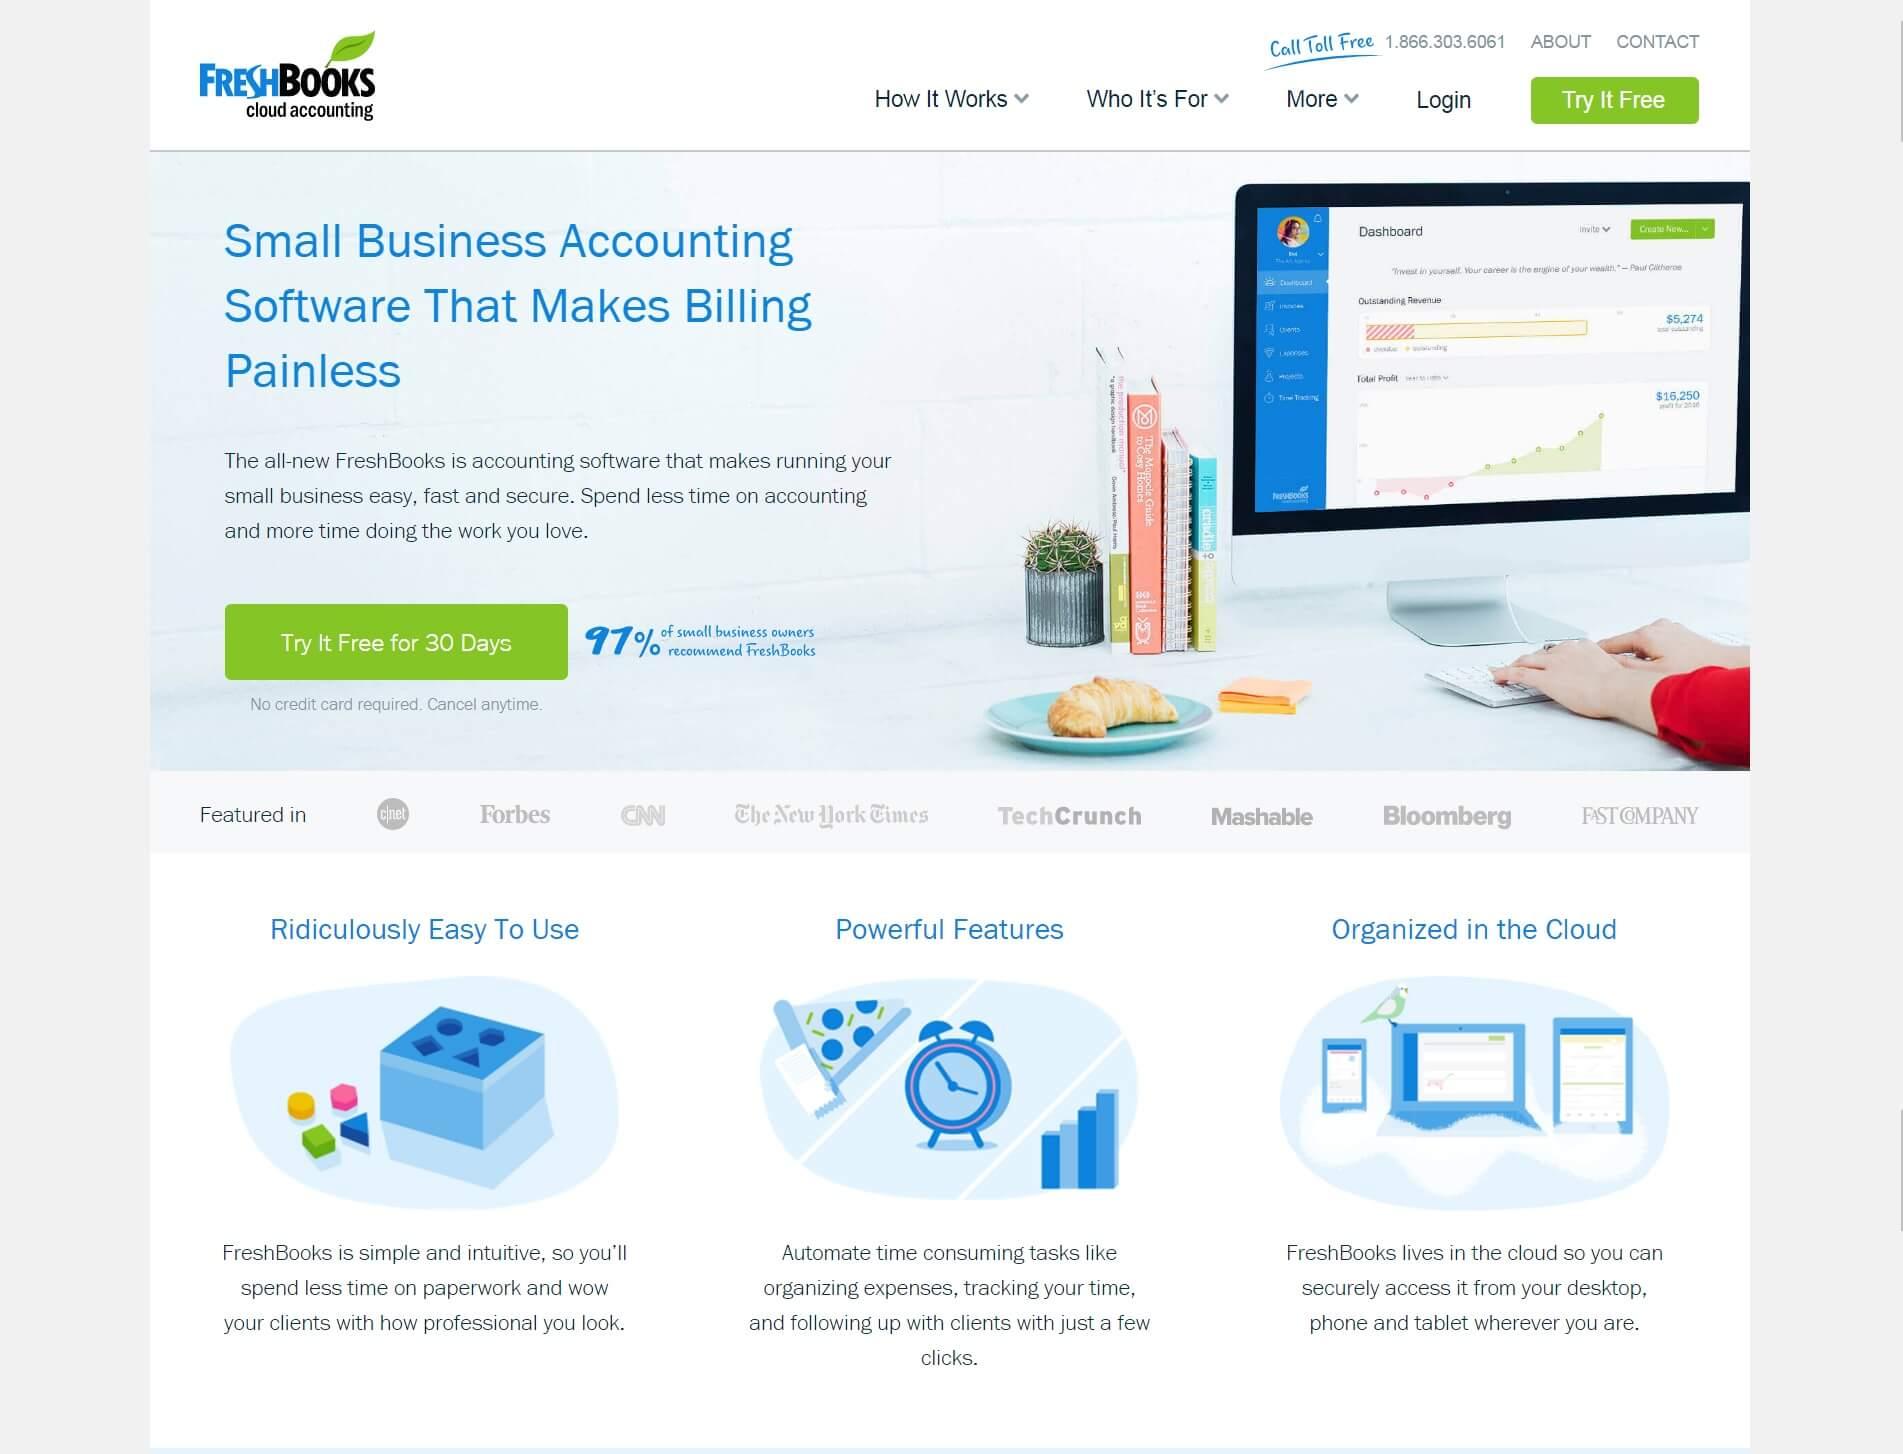 Beispiele von gutem Homepage-Design - FreshBooks